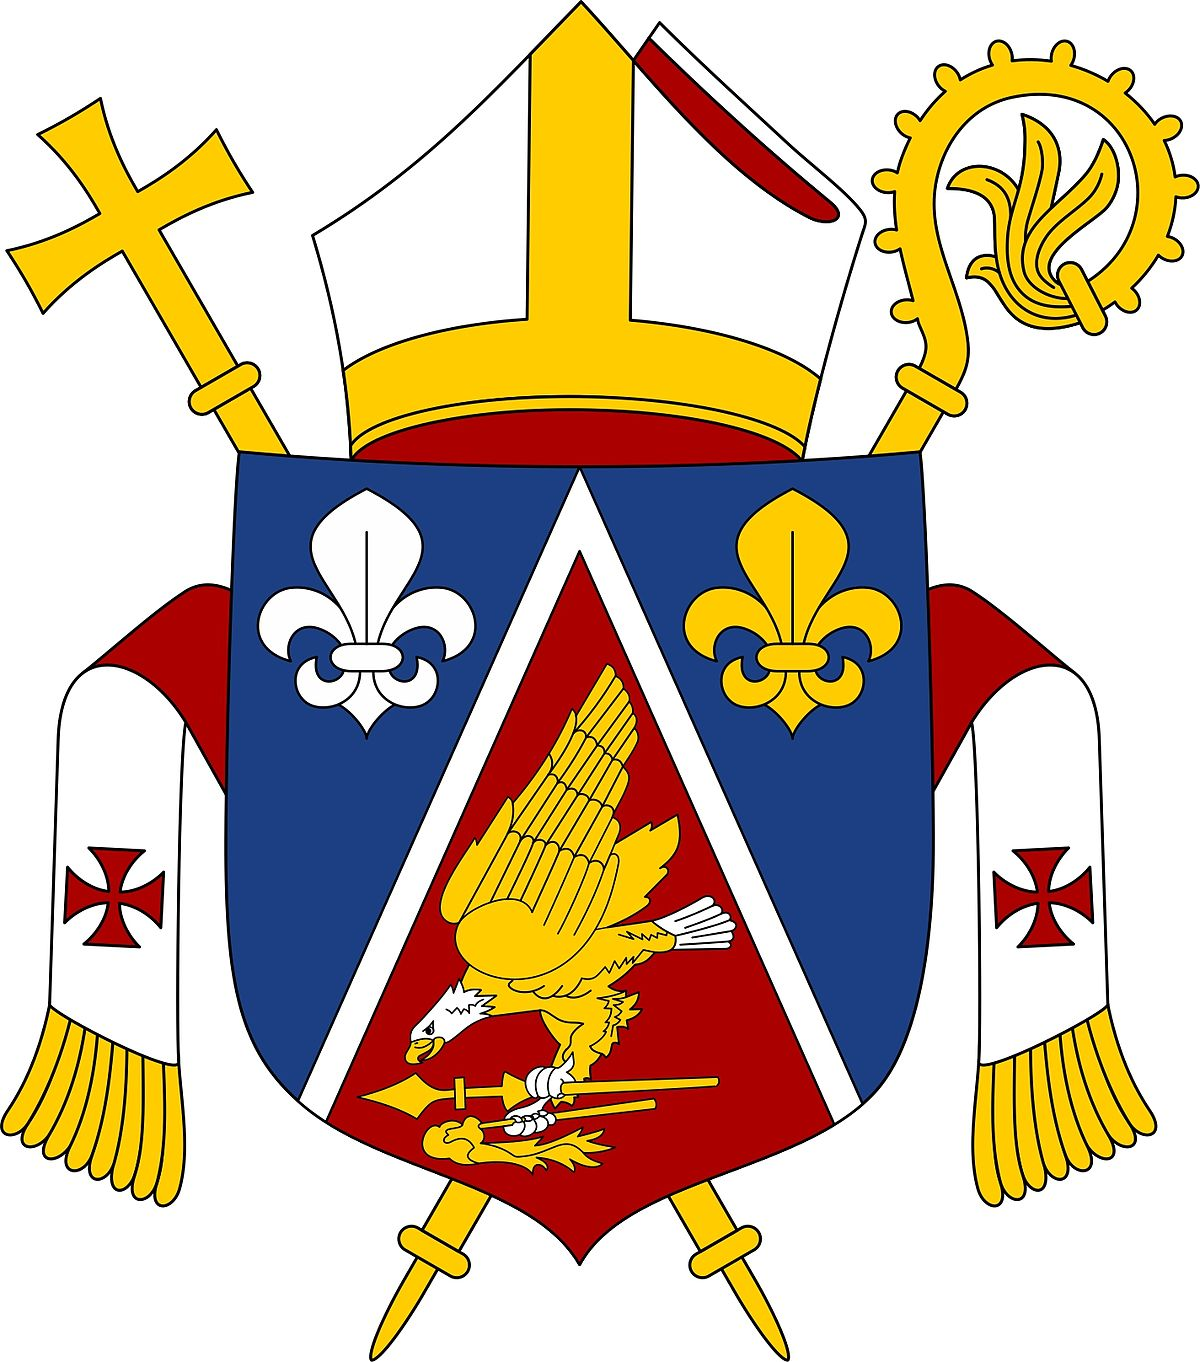 Roman catholic diocese of samoapago pago wikipedia buycottarizona Choice Image